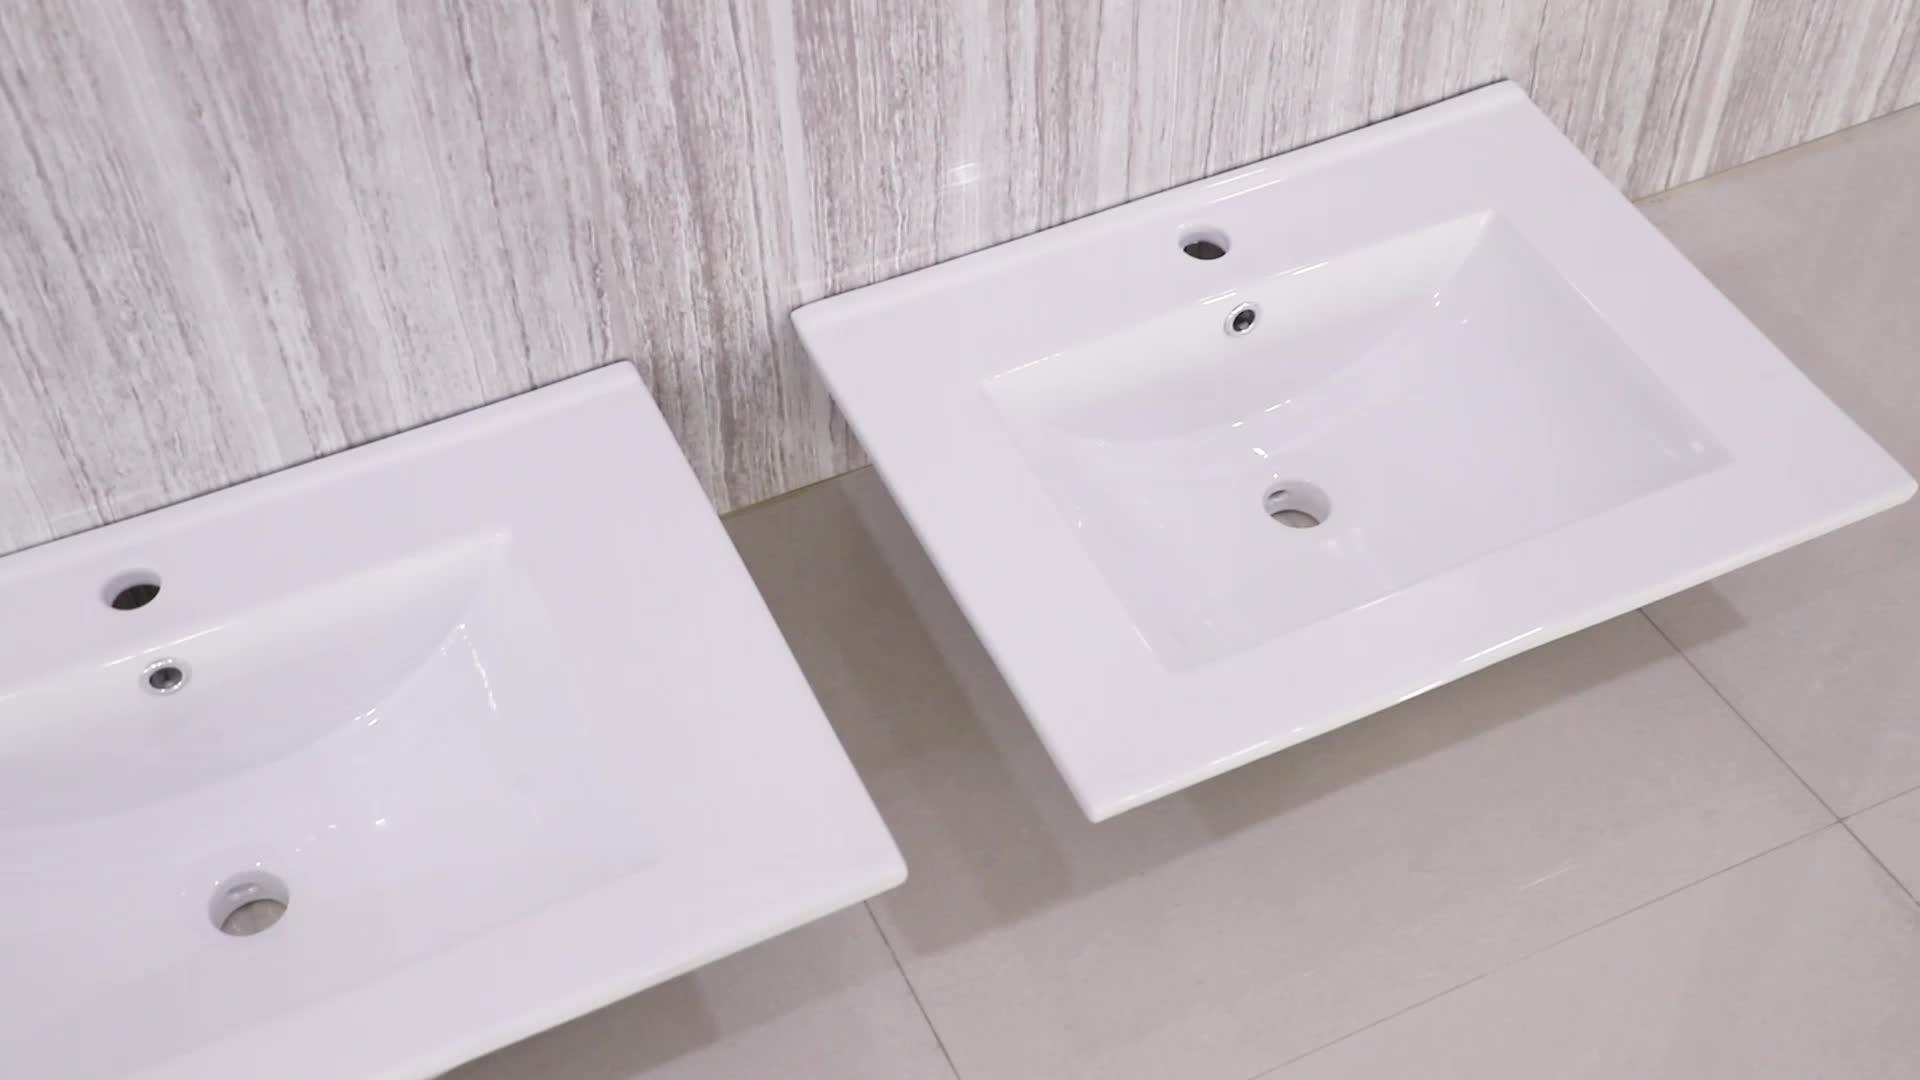 Desain terbaru ukuran besar porselen kabinet mencuci tangan basin